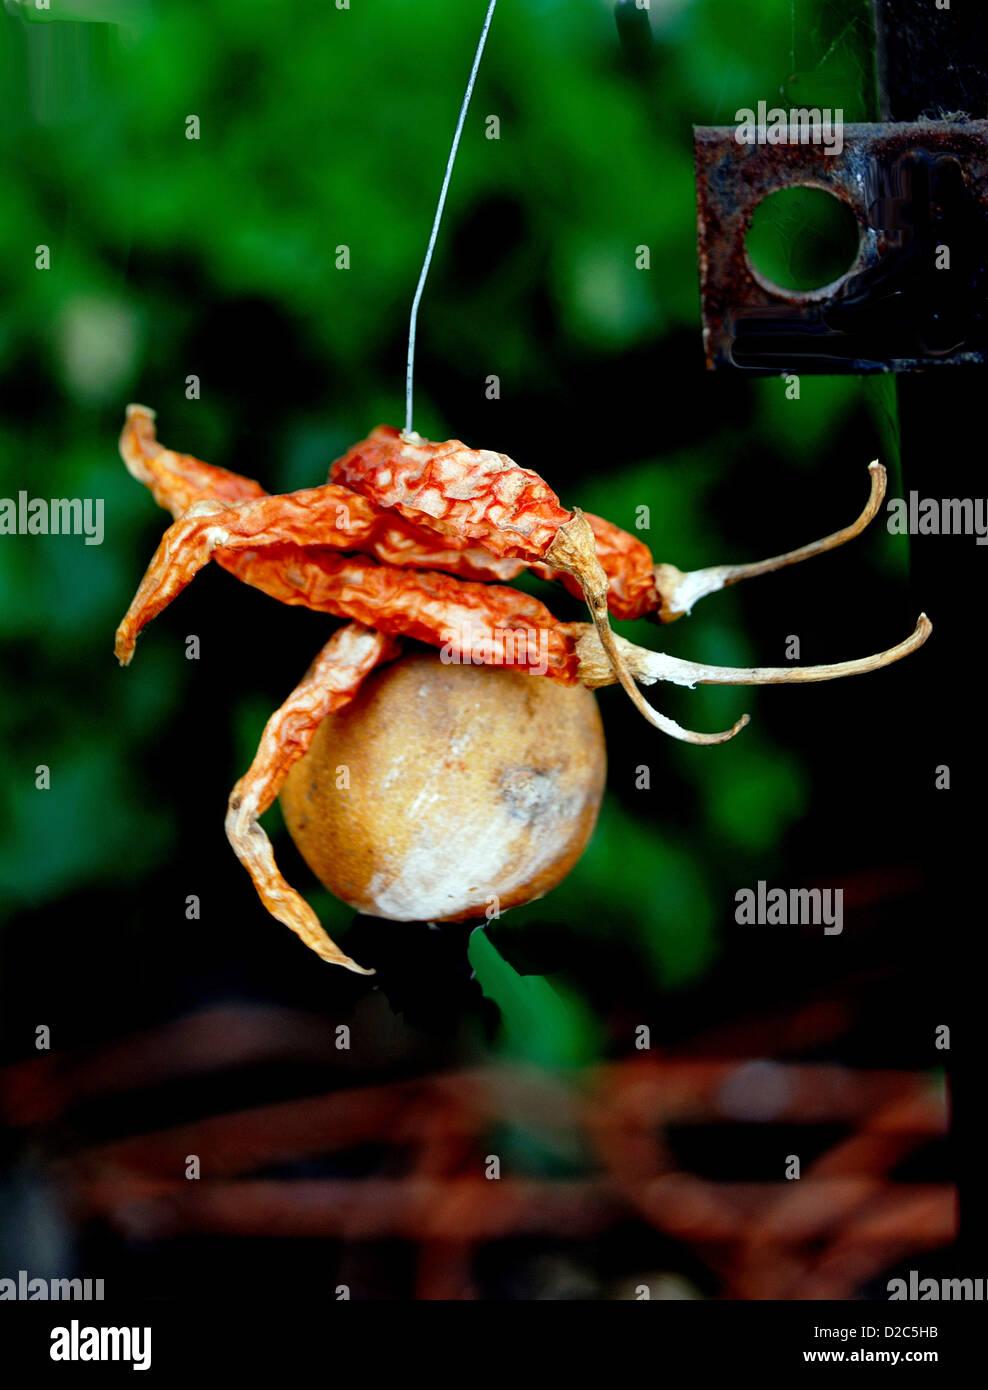 La superstición Concepto, colgantes de rosca chiles rojos secos y limón, India Imagen De Stock